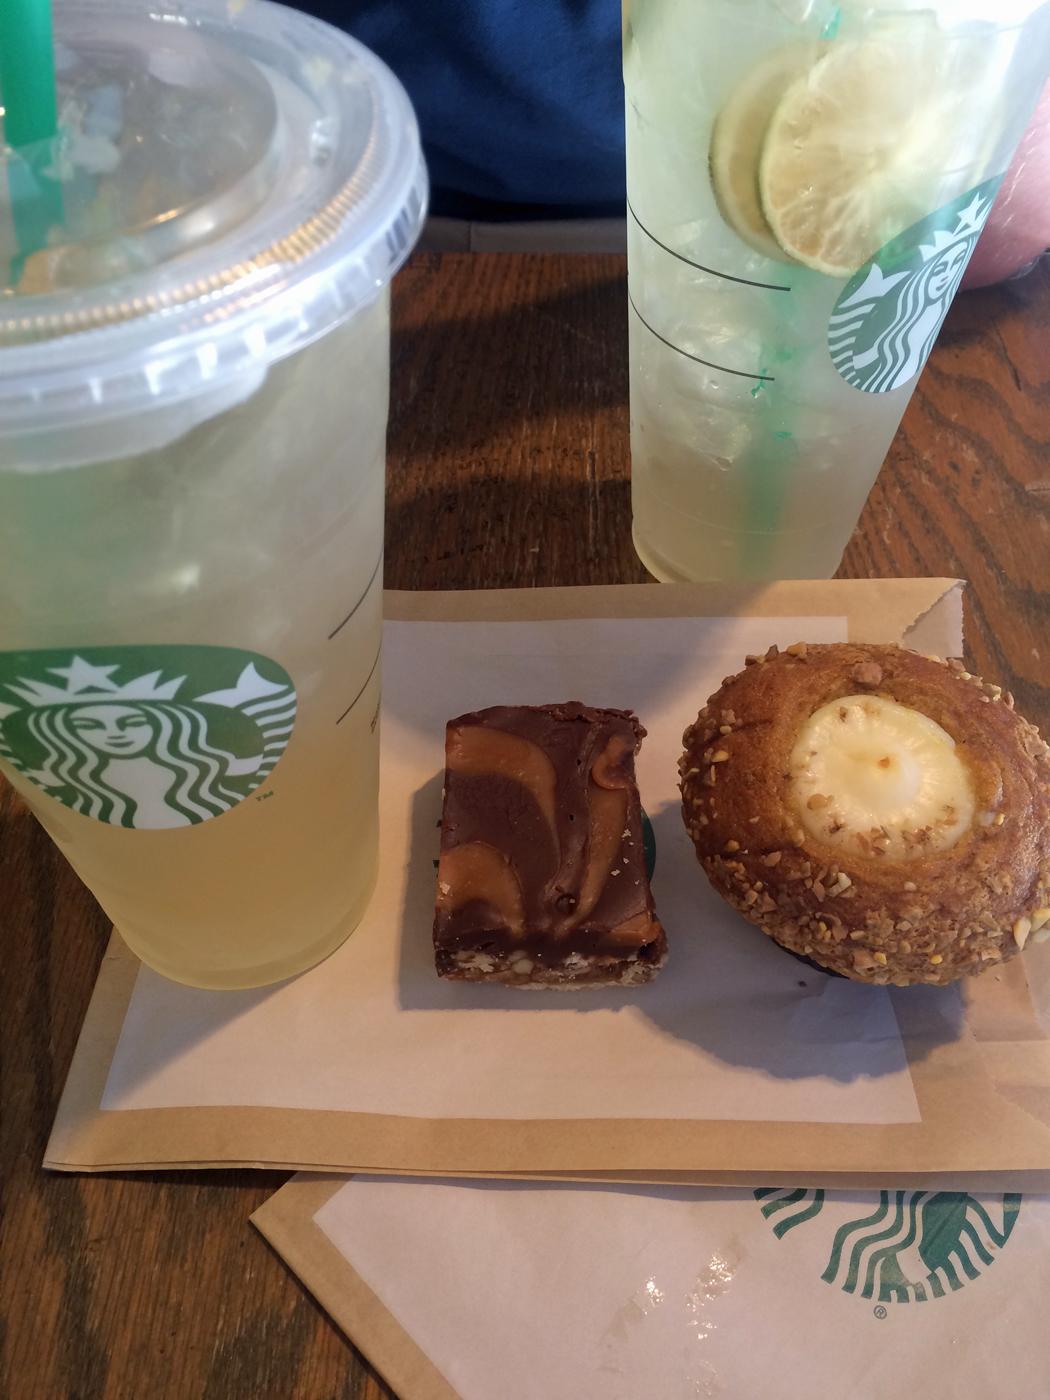 Los Angeles Starbucks